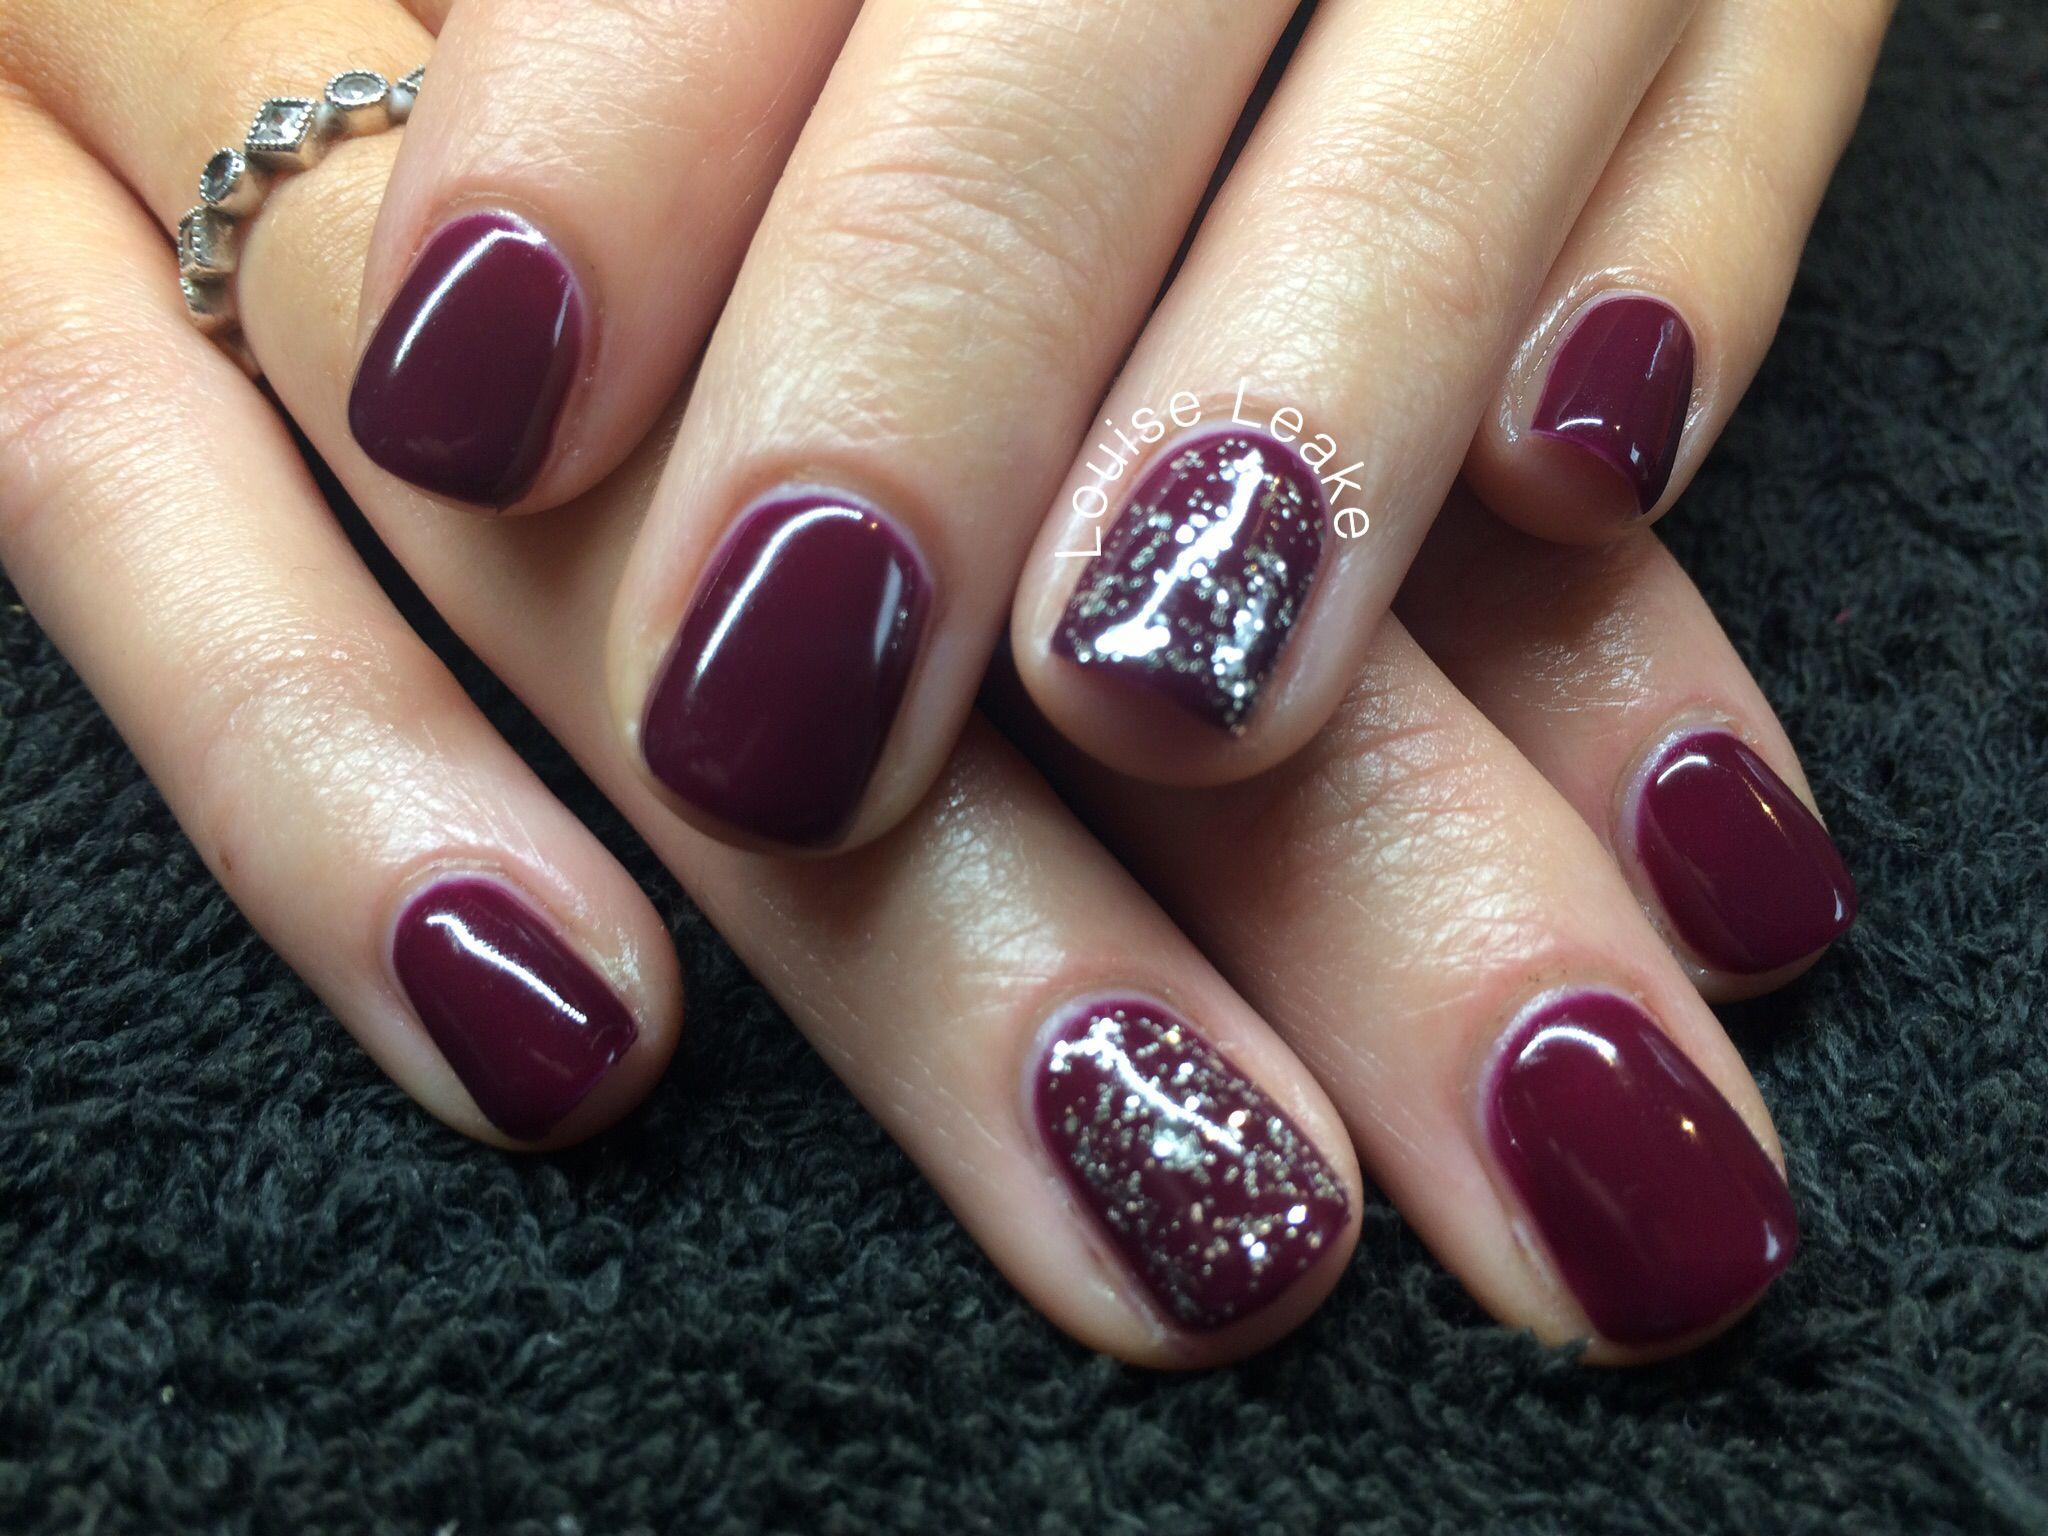 Burgundy gel nails | Nails | Pinterest | Shellac nails, Shellac nail ...